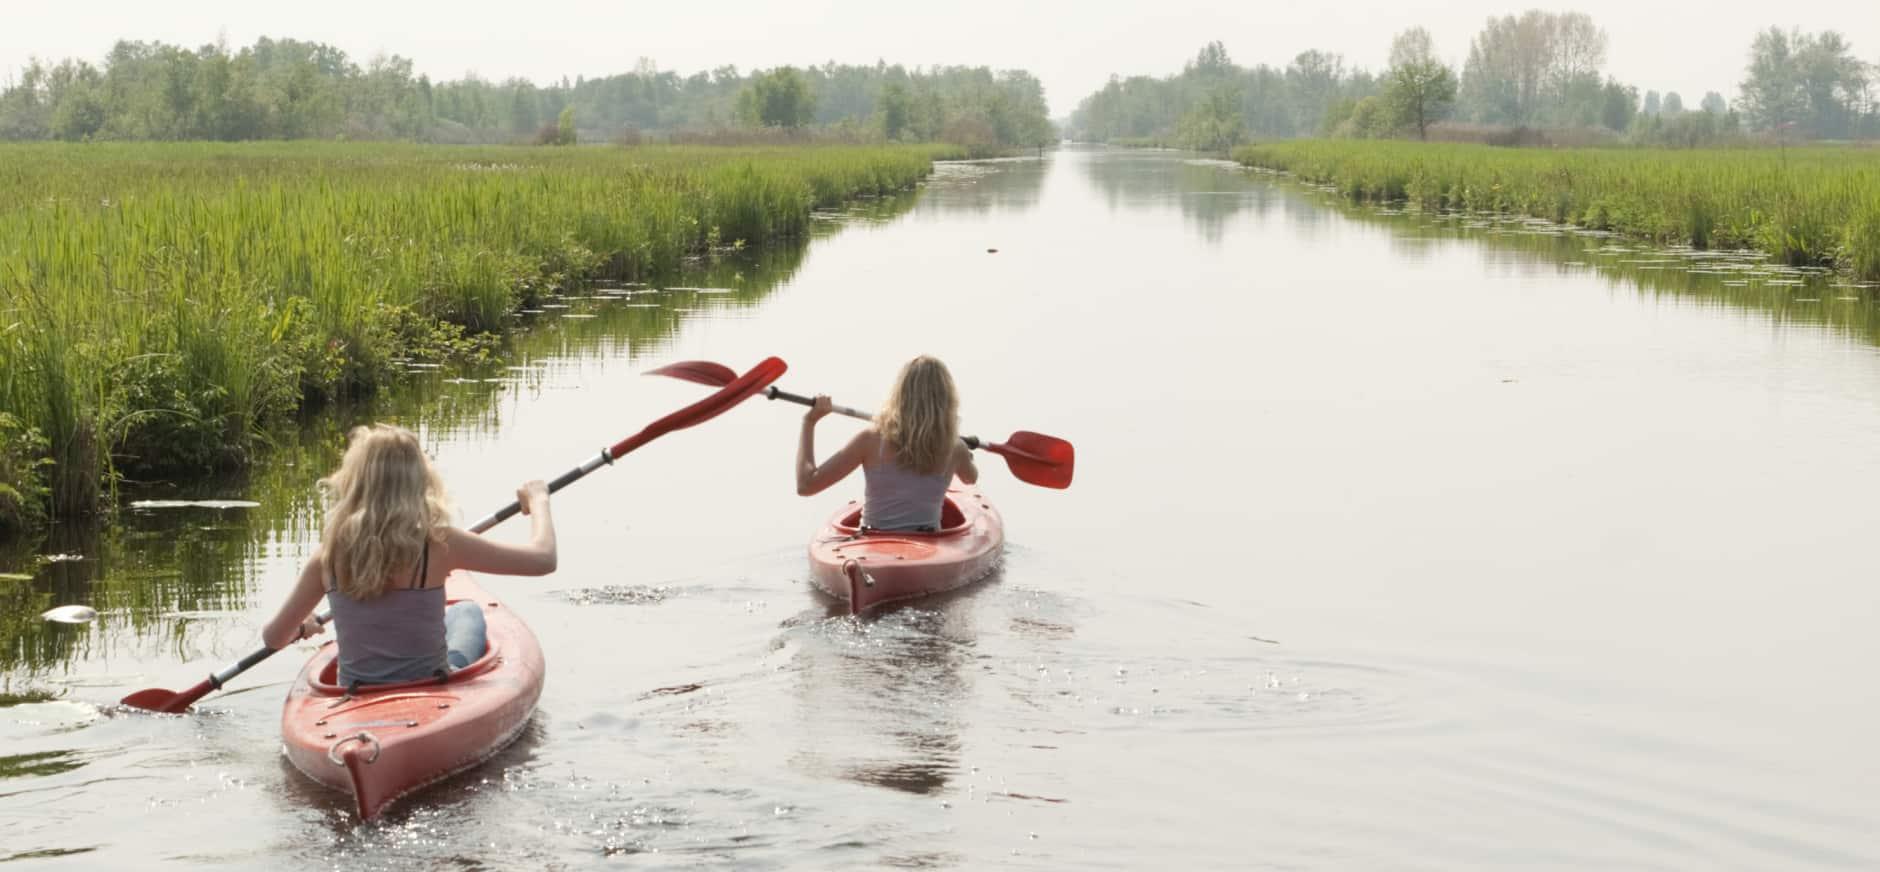 Nieuwkoopse plassen kano varen